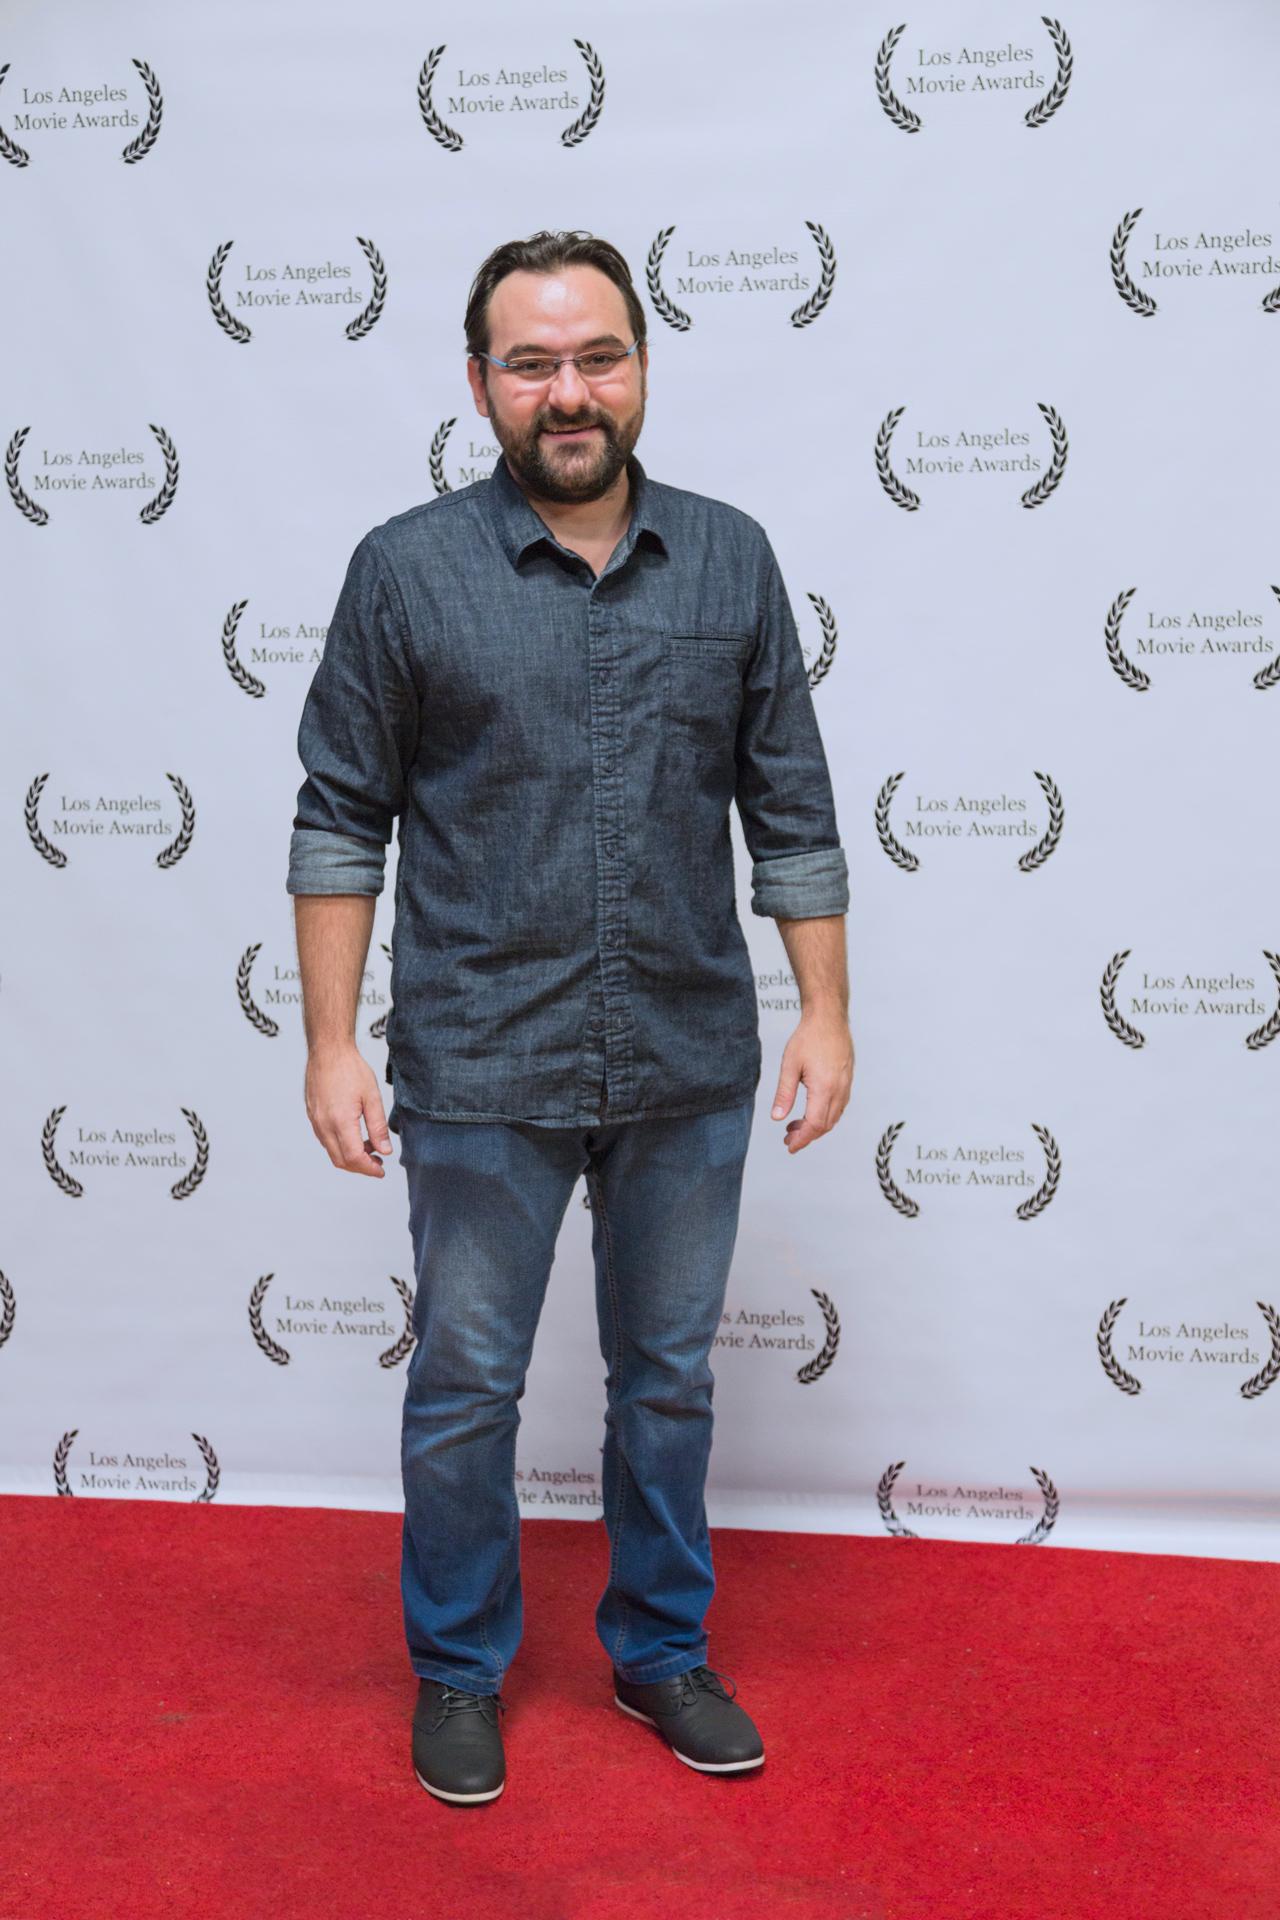 LA Movie Awards